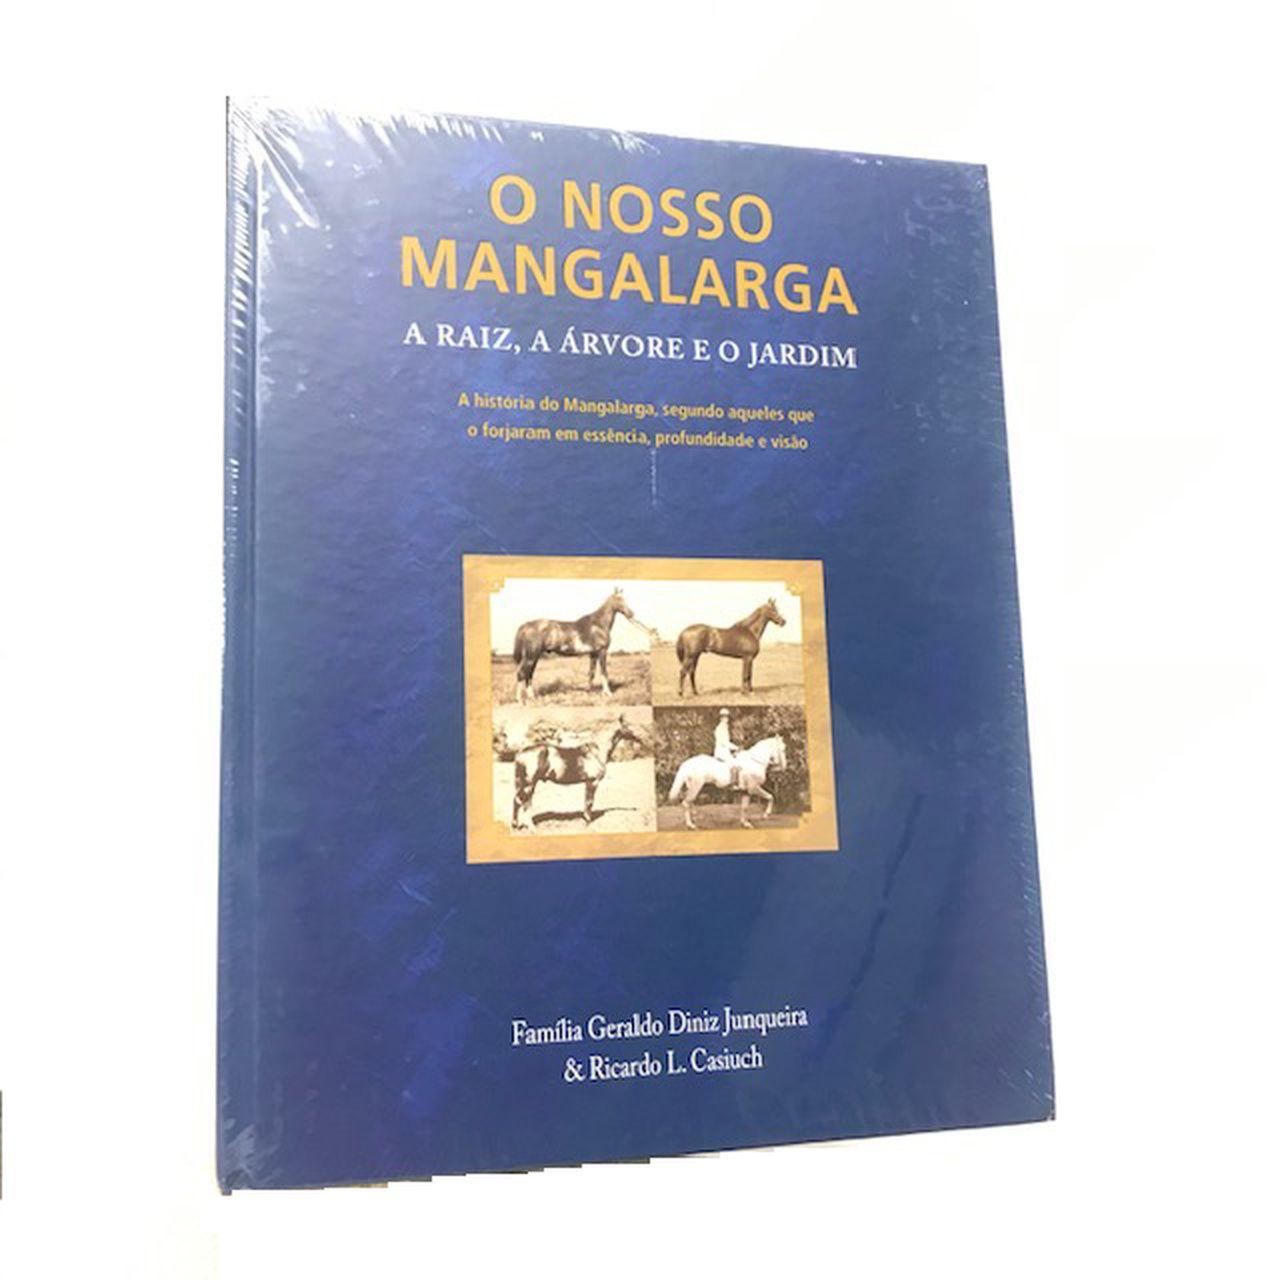 O Nosso Mangalarga  - Boutique Mangalarga